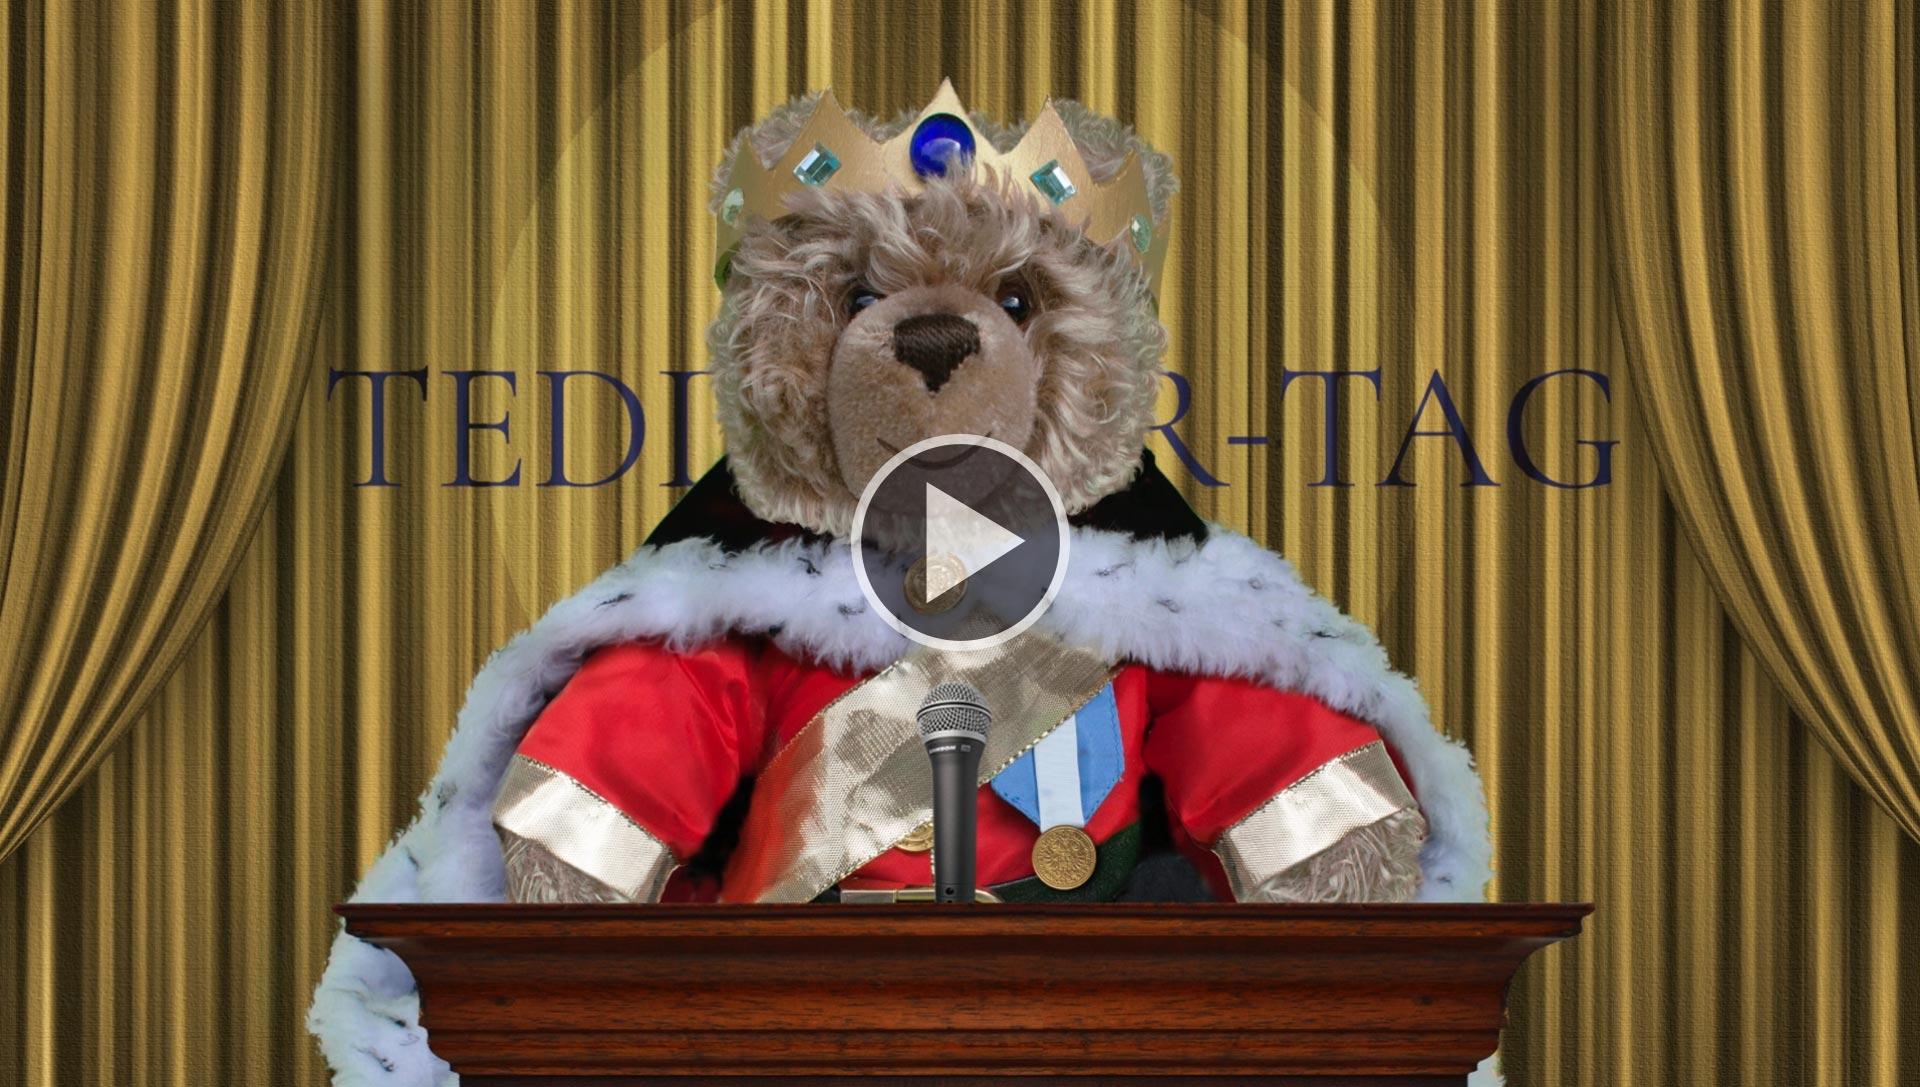 Teddy-König Opa I. und der Teddybär-Tag